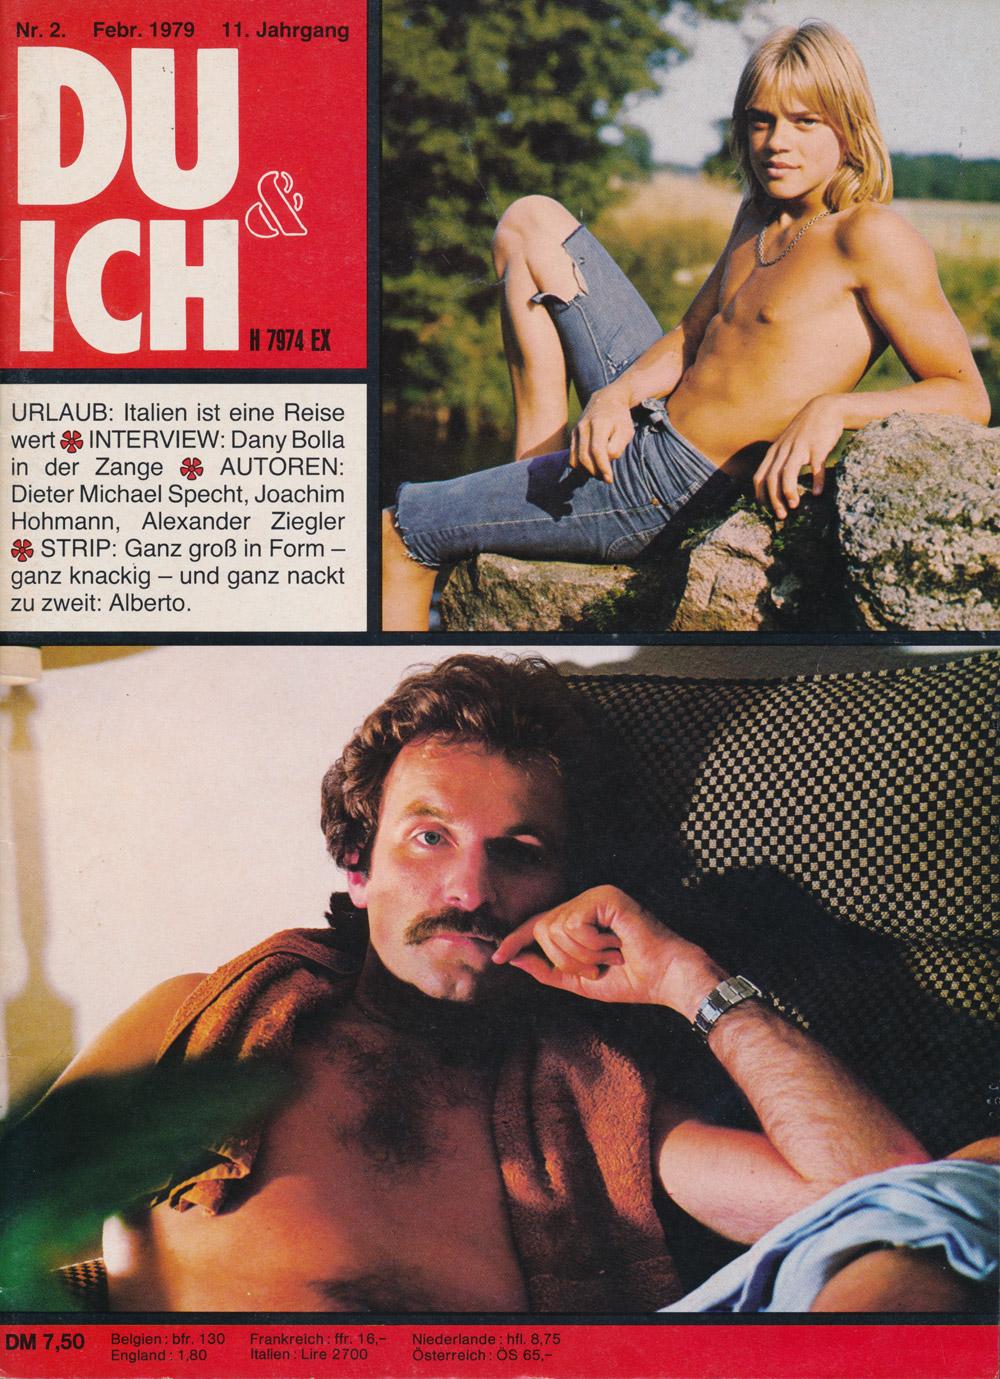 Du & Ich Nr 2, 1979. Titelseite.